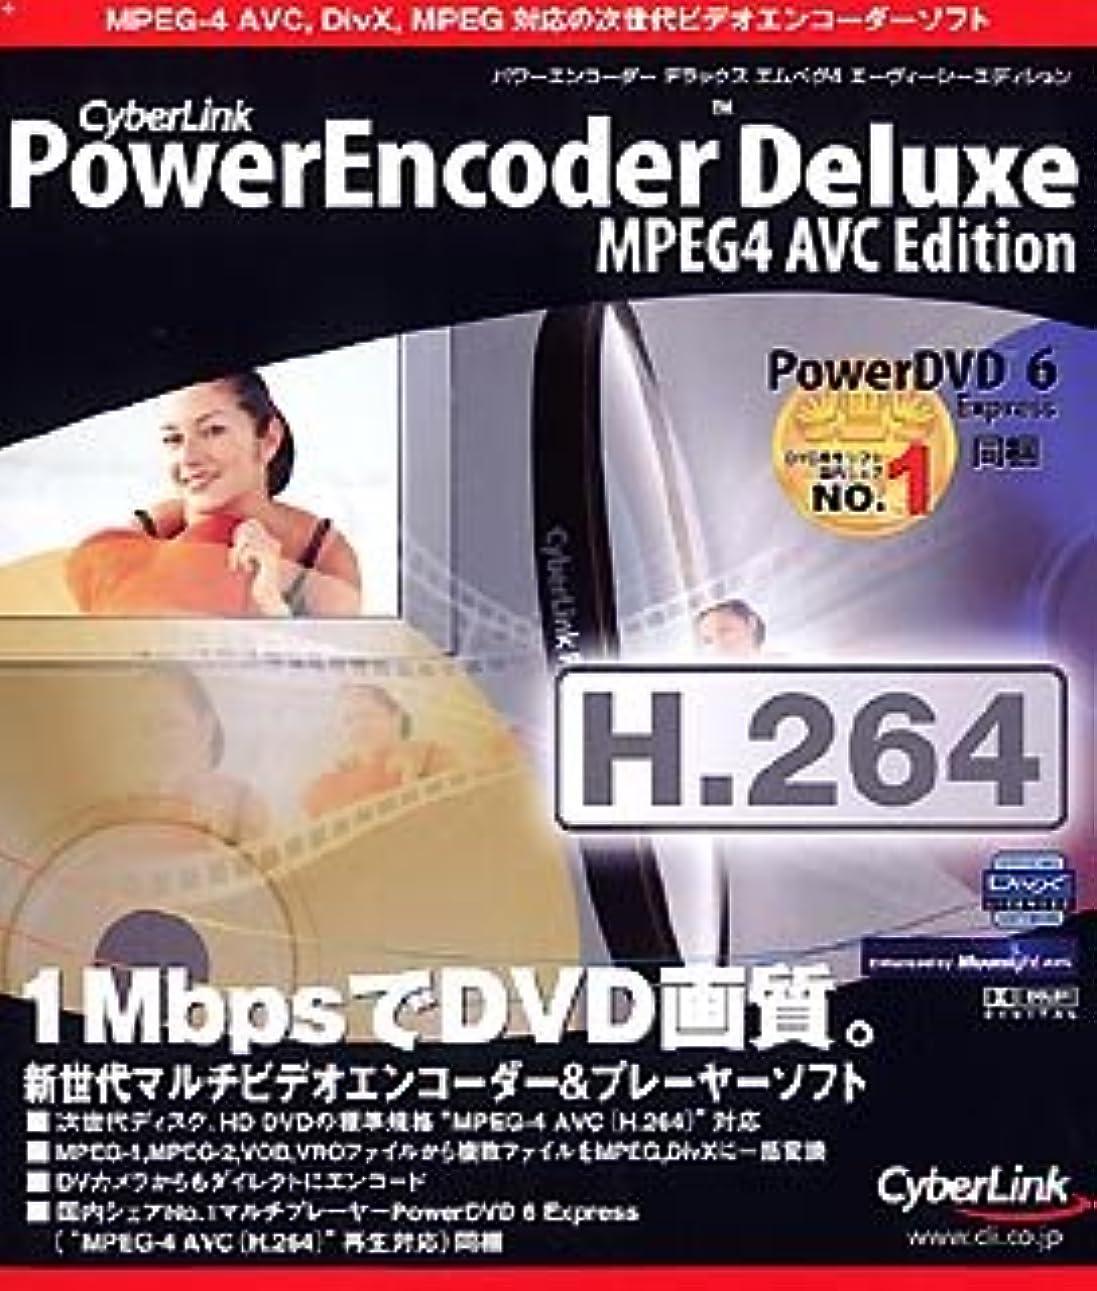 衣服才能のある魅力的PowerEncoder Deluxe MPEG4 AVC Edition